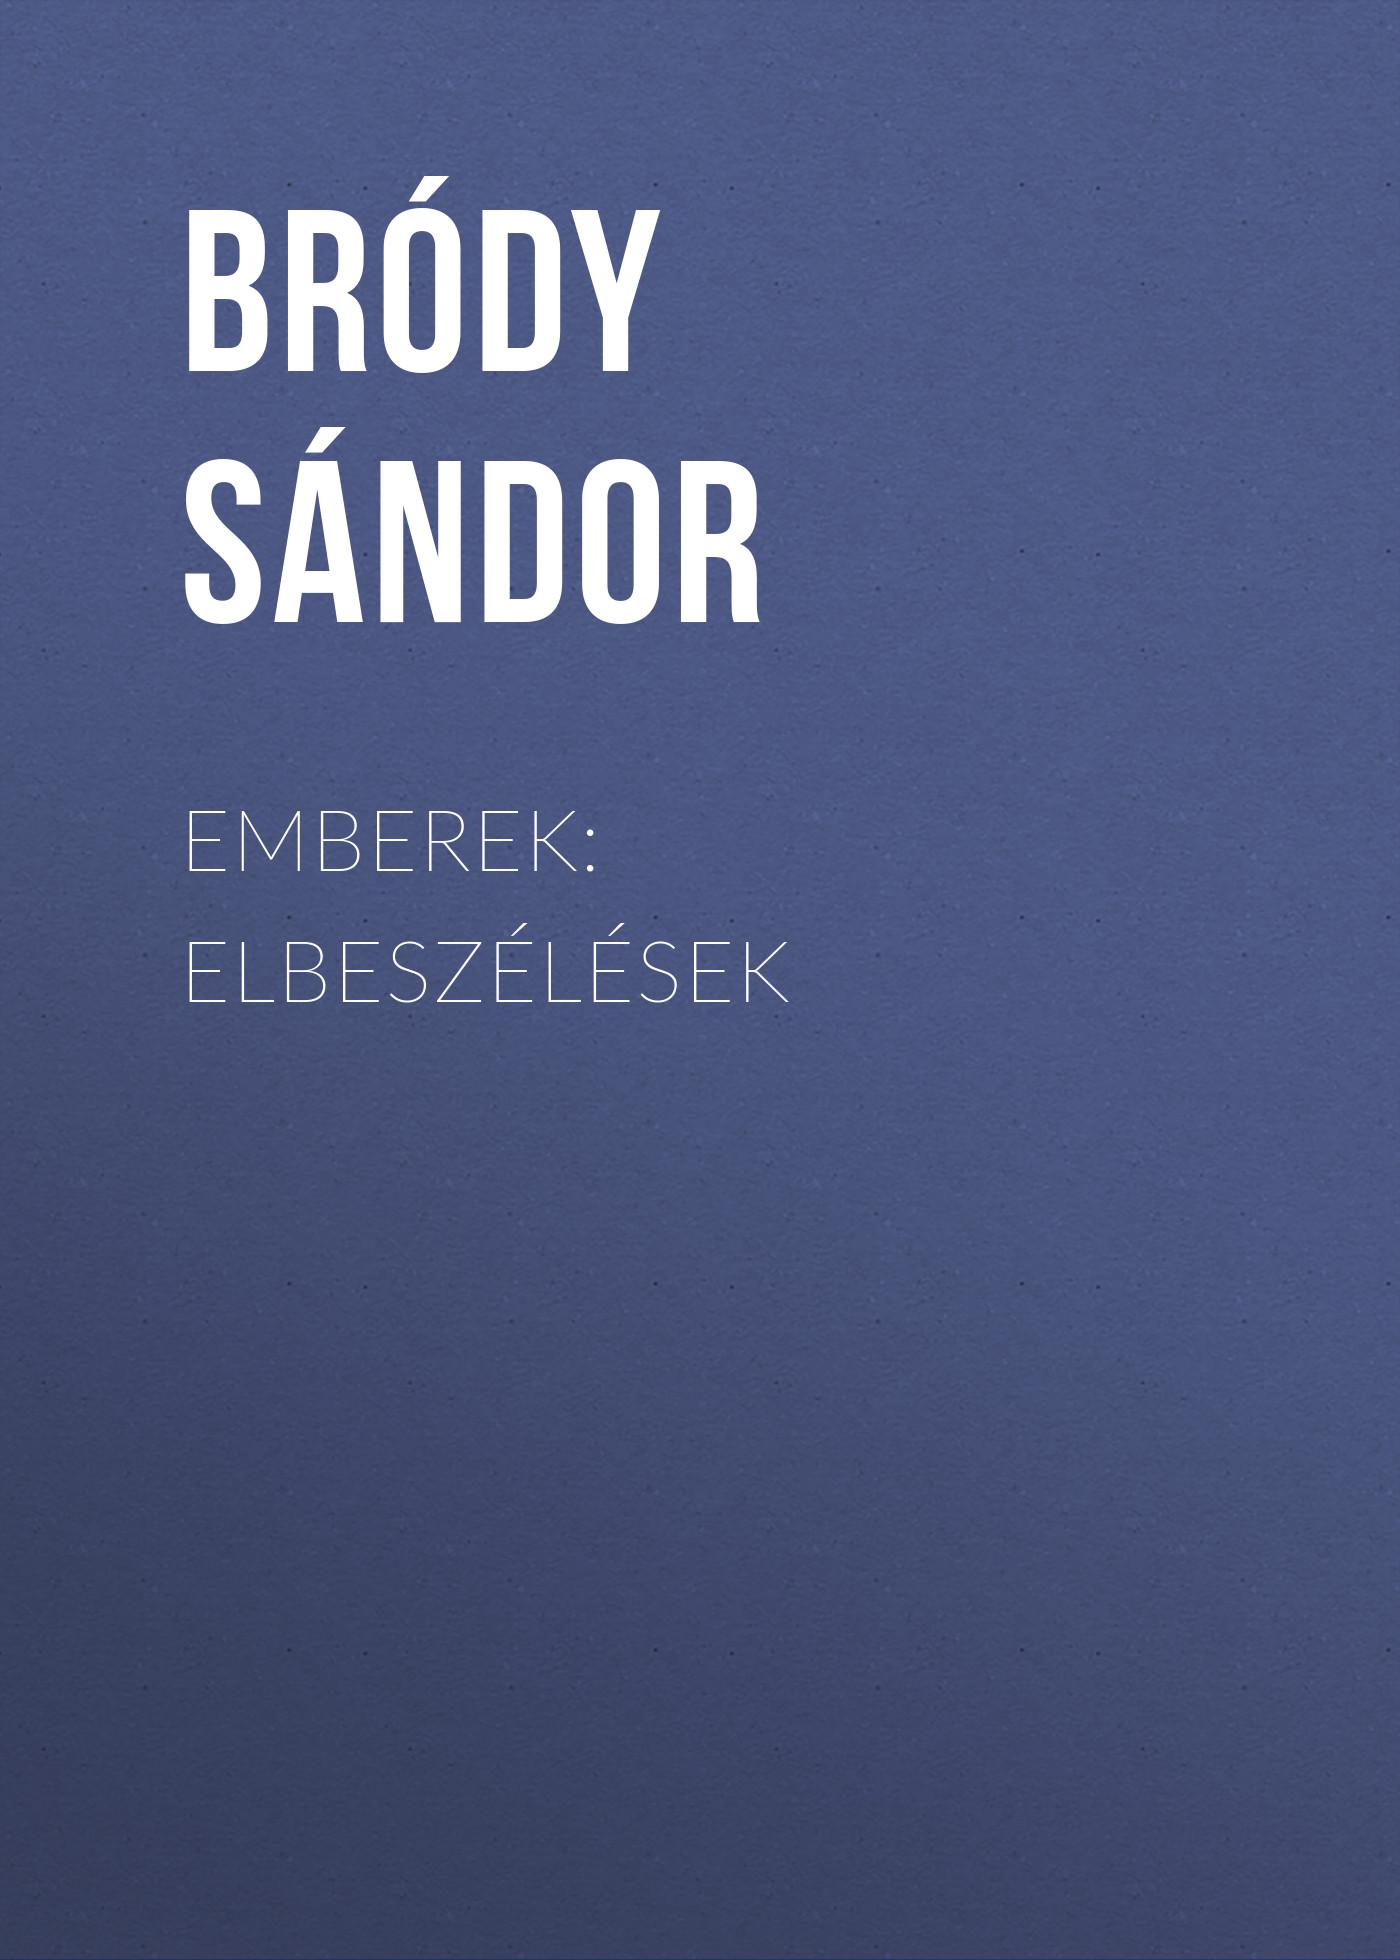 Bródy Sándor Emberek: Elbeszélések